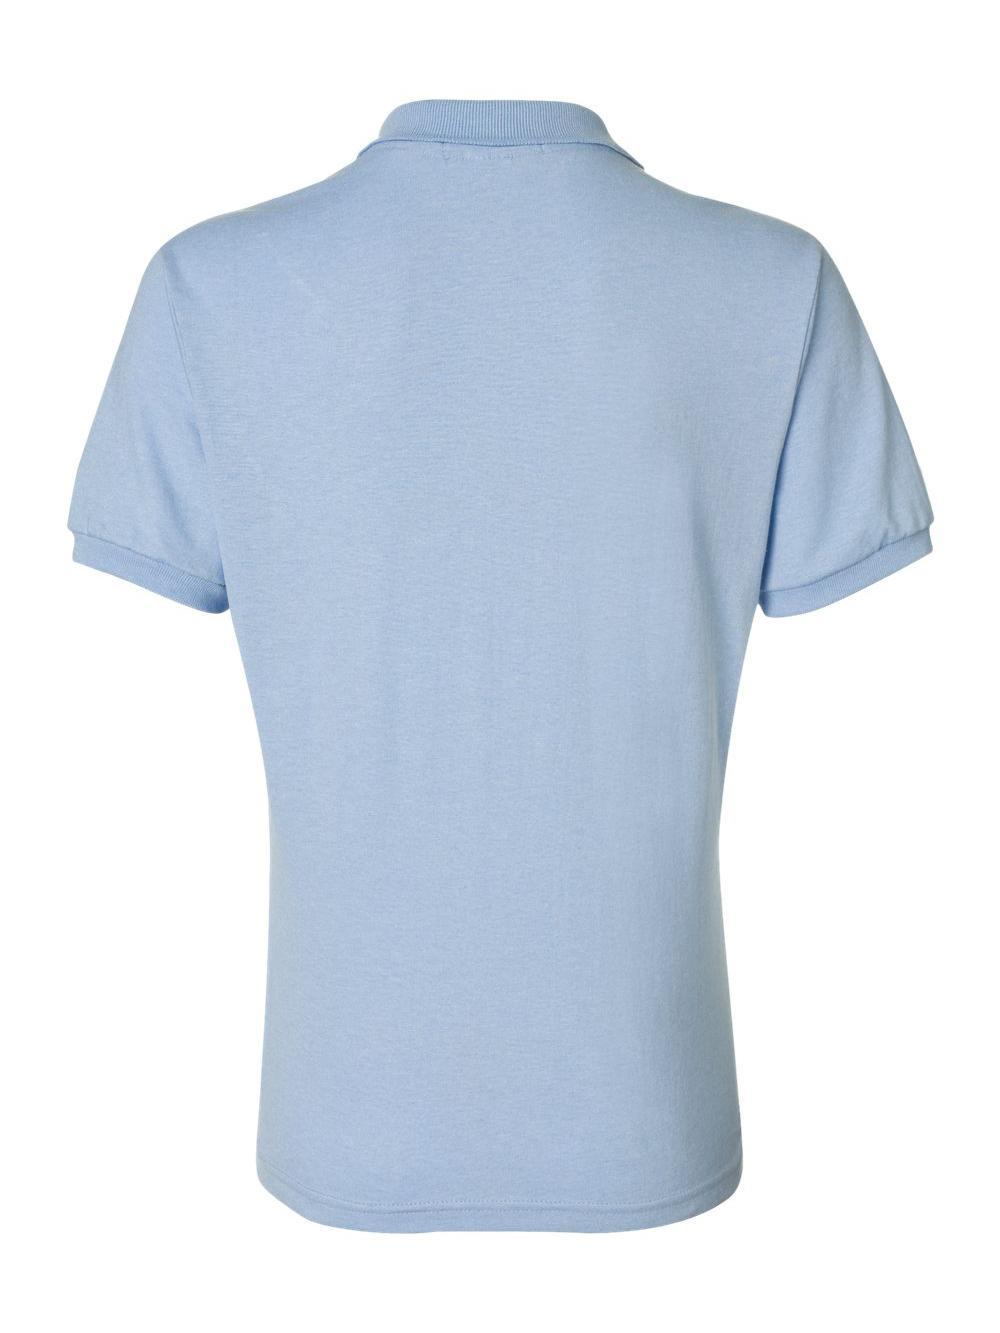 Jerzees-Women-039-s-Spotshield-50-50-Sport-Shirt-437WR thumbnail 22